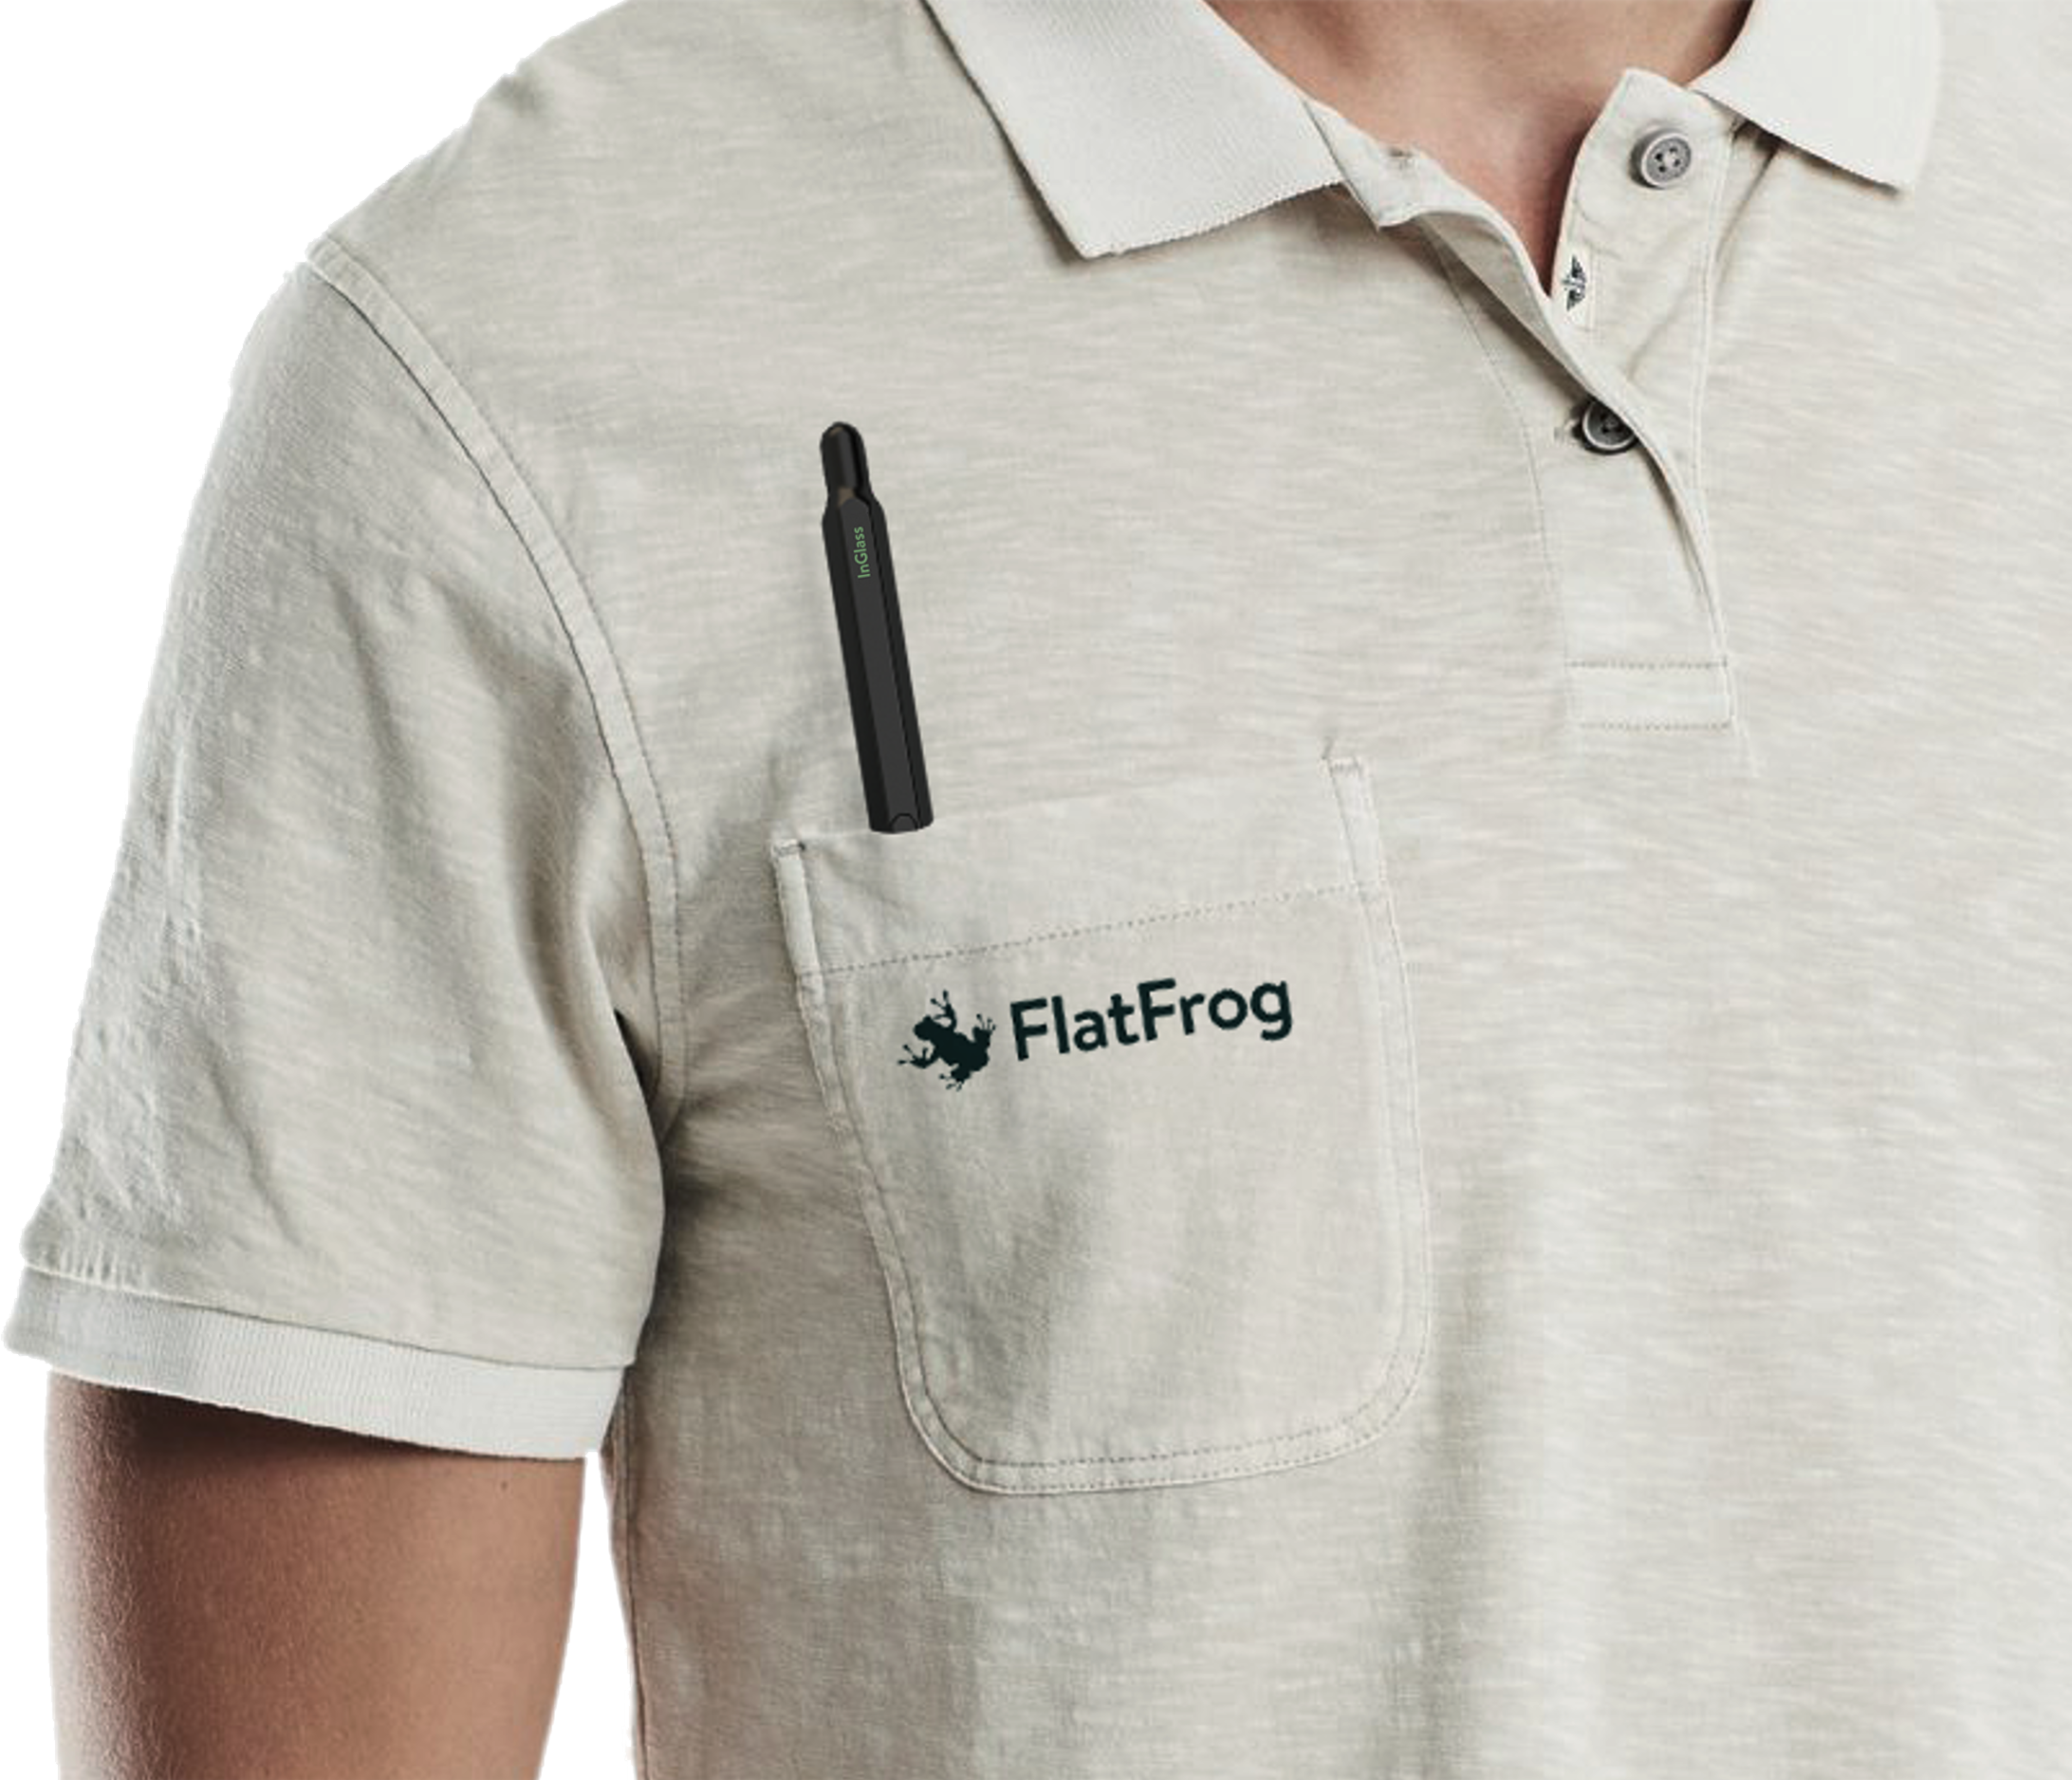 Order FlatFrog PEN